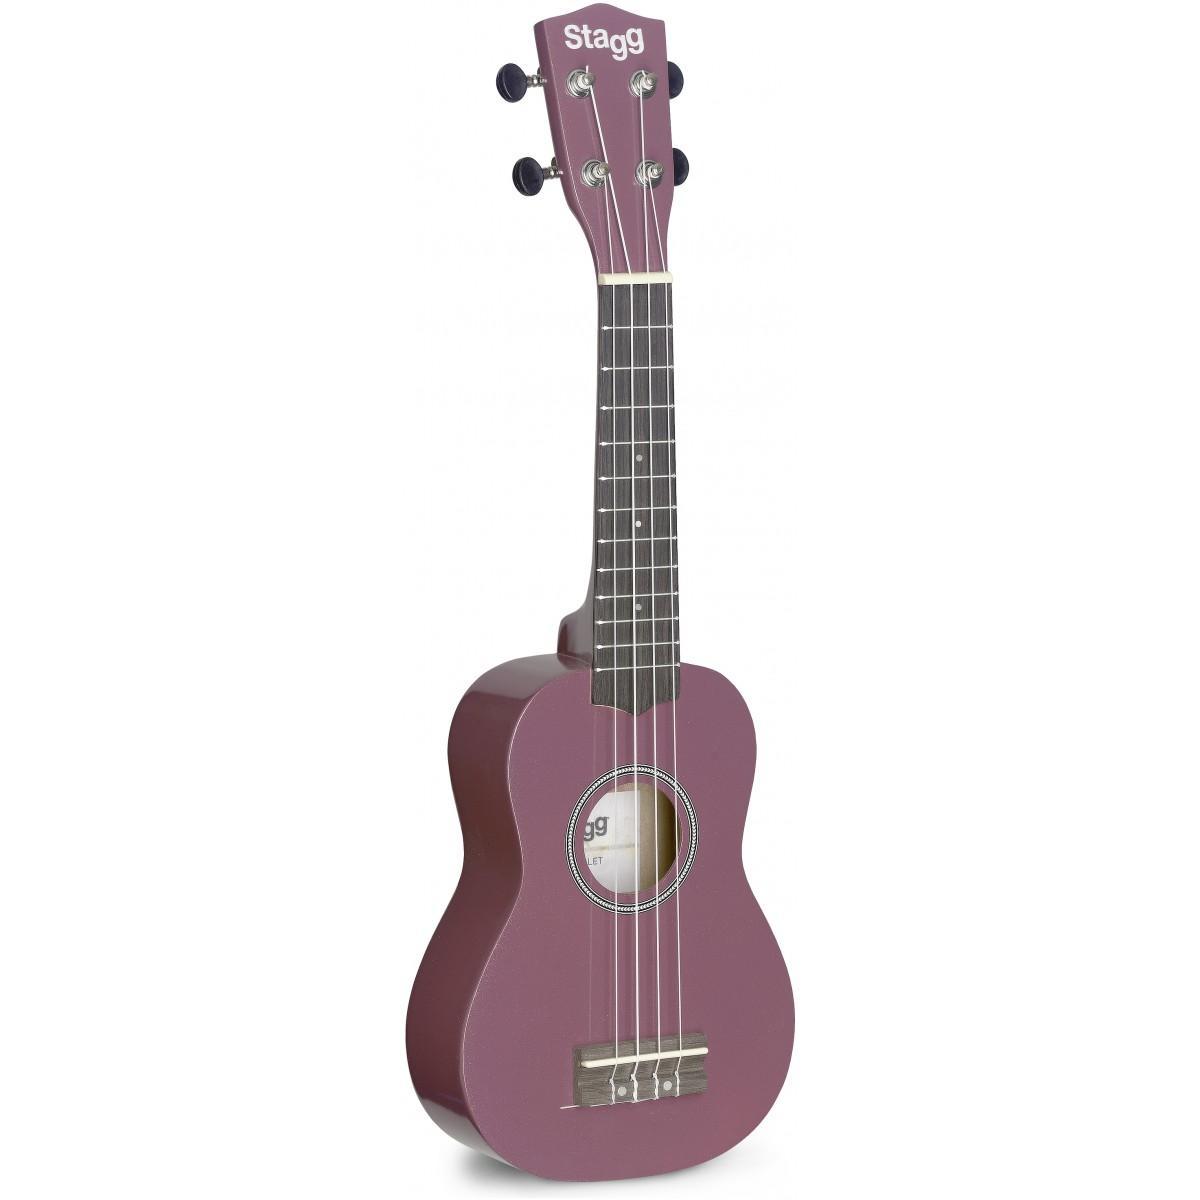 Stagg US VIOLET, sopránové ukulele, fialové